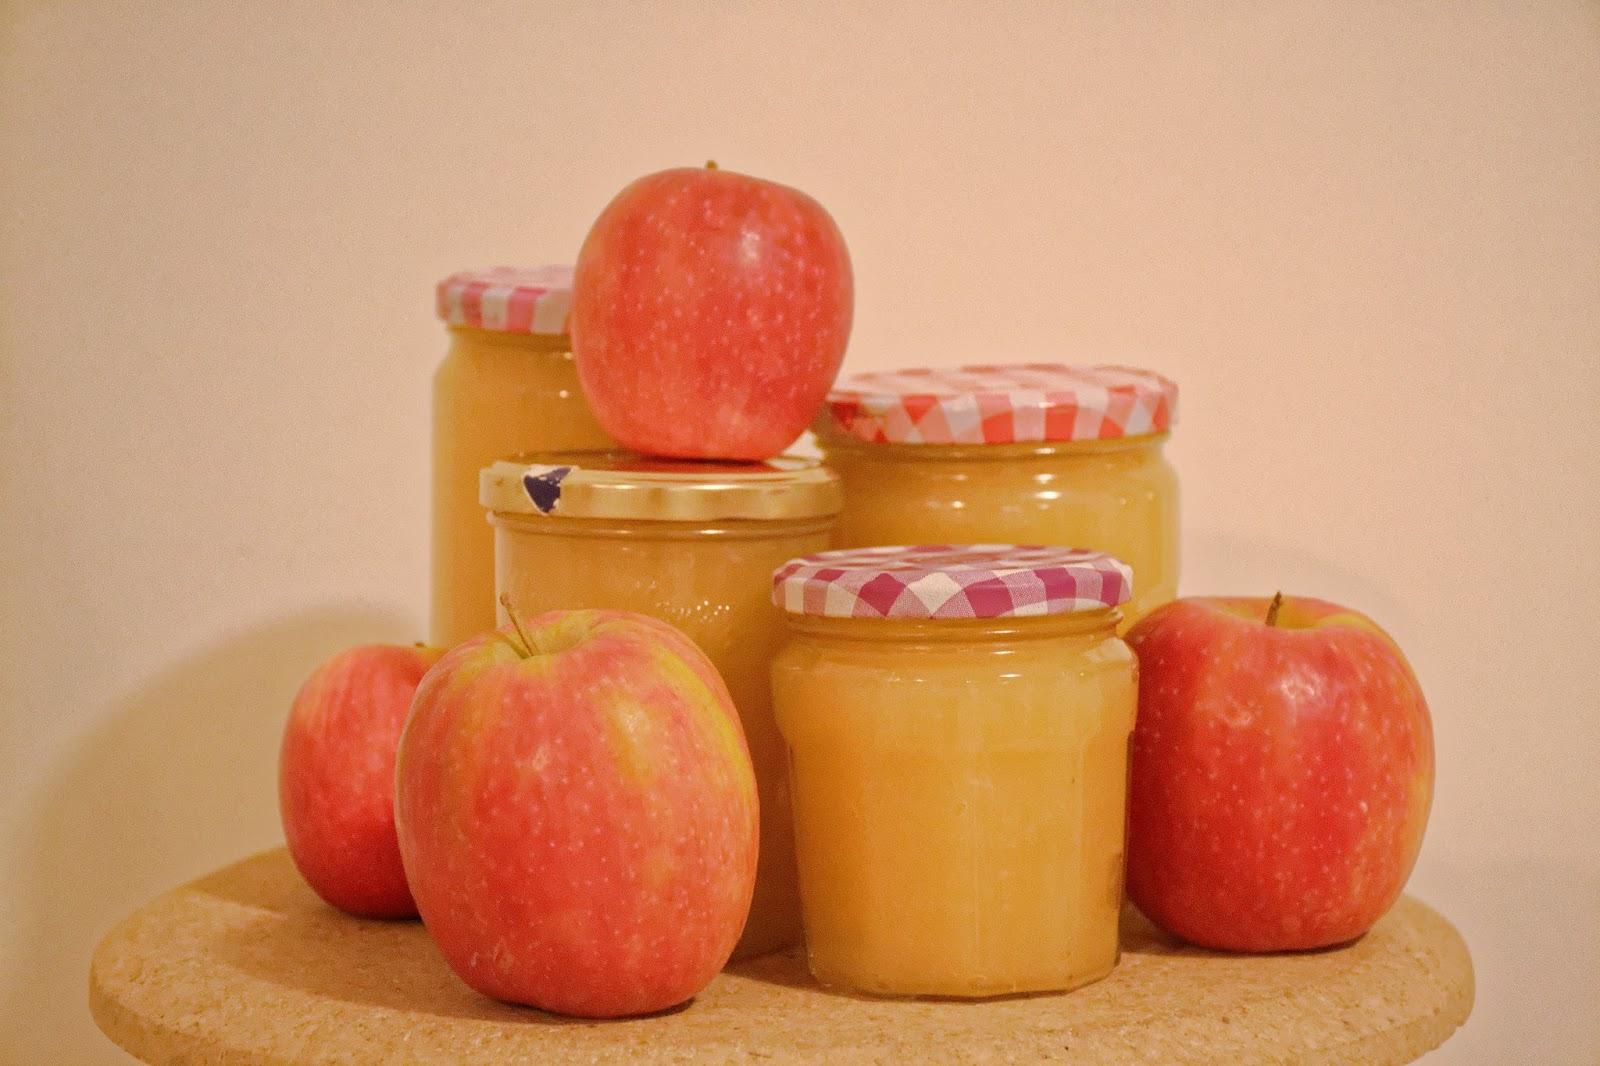 https://ldmailys.blogspot.com/2017/11/compote-de-pommes-avec-les-enfants.html